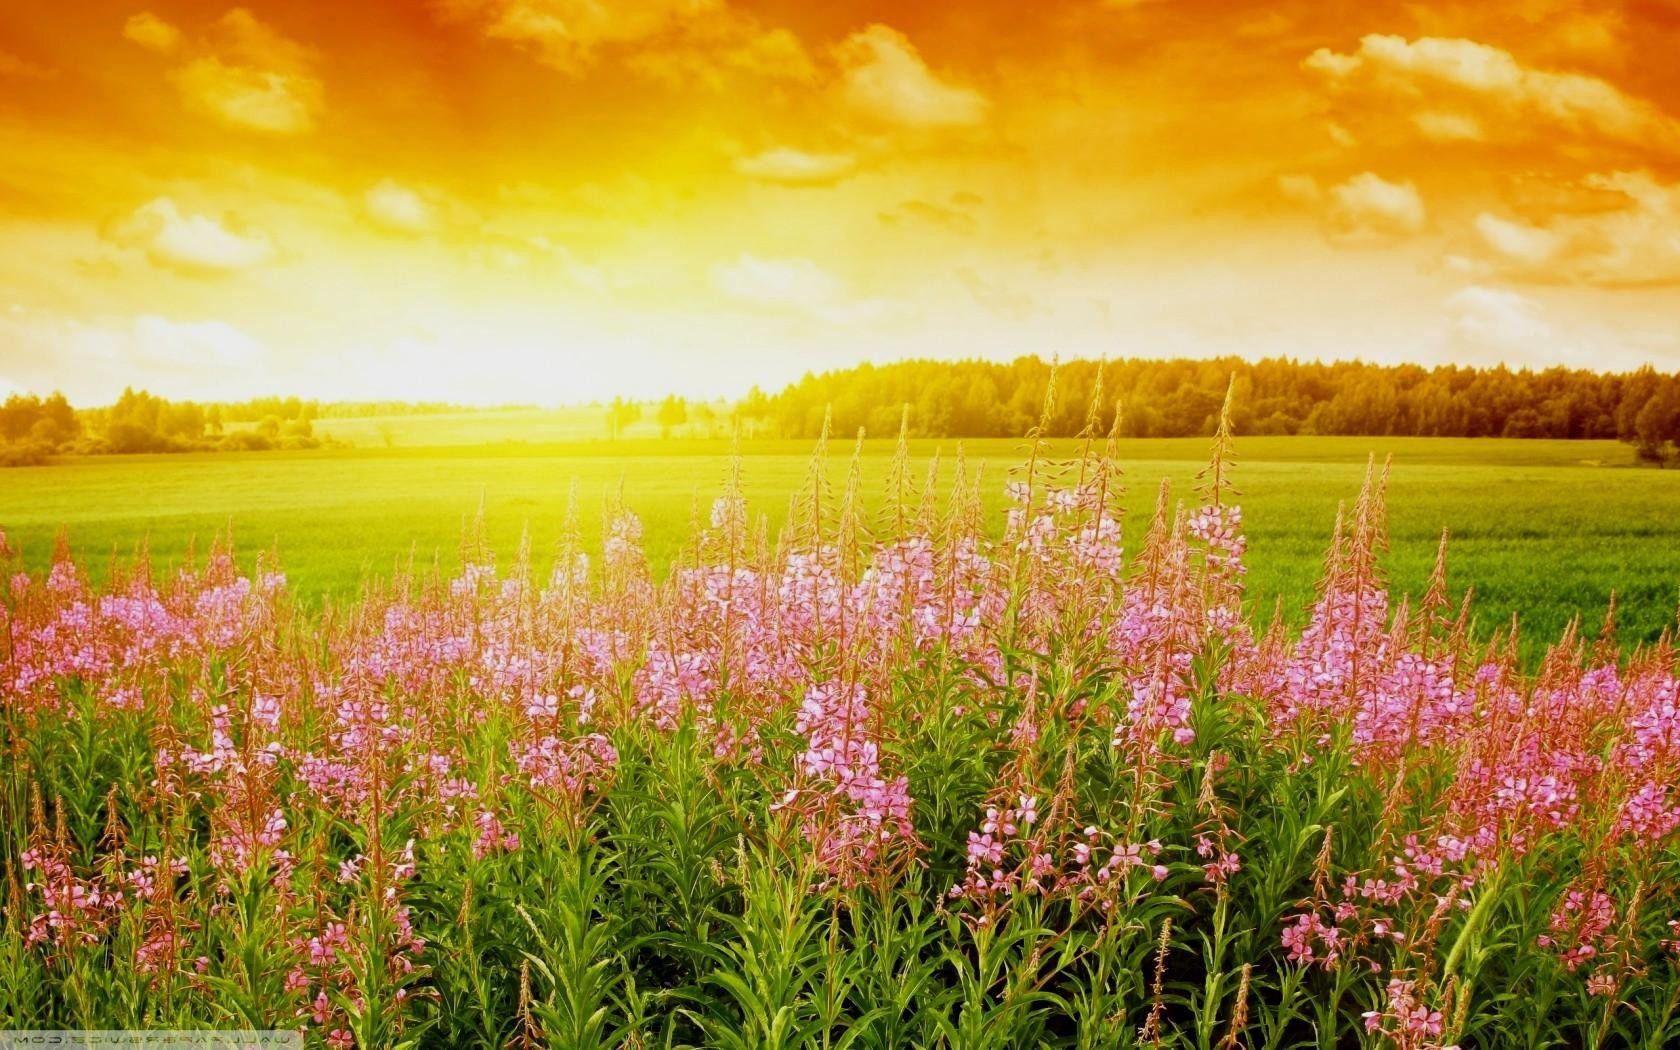 Beautiful Bright Sunrise Summer Day Hd Desktop Wallpaper High Definition Fullscreen Summer Wallpaper Field Wallpaper Sunrise Wallpaper